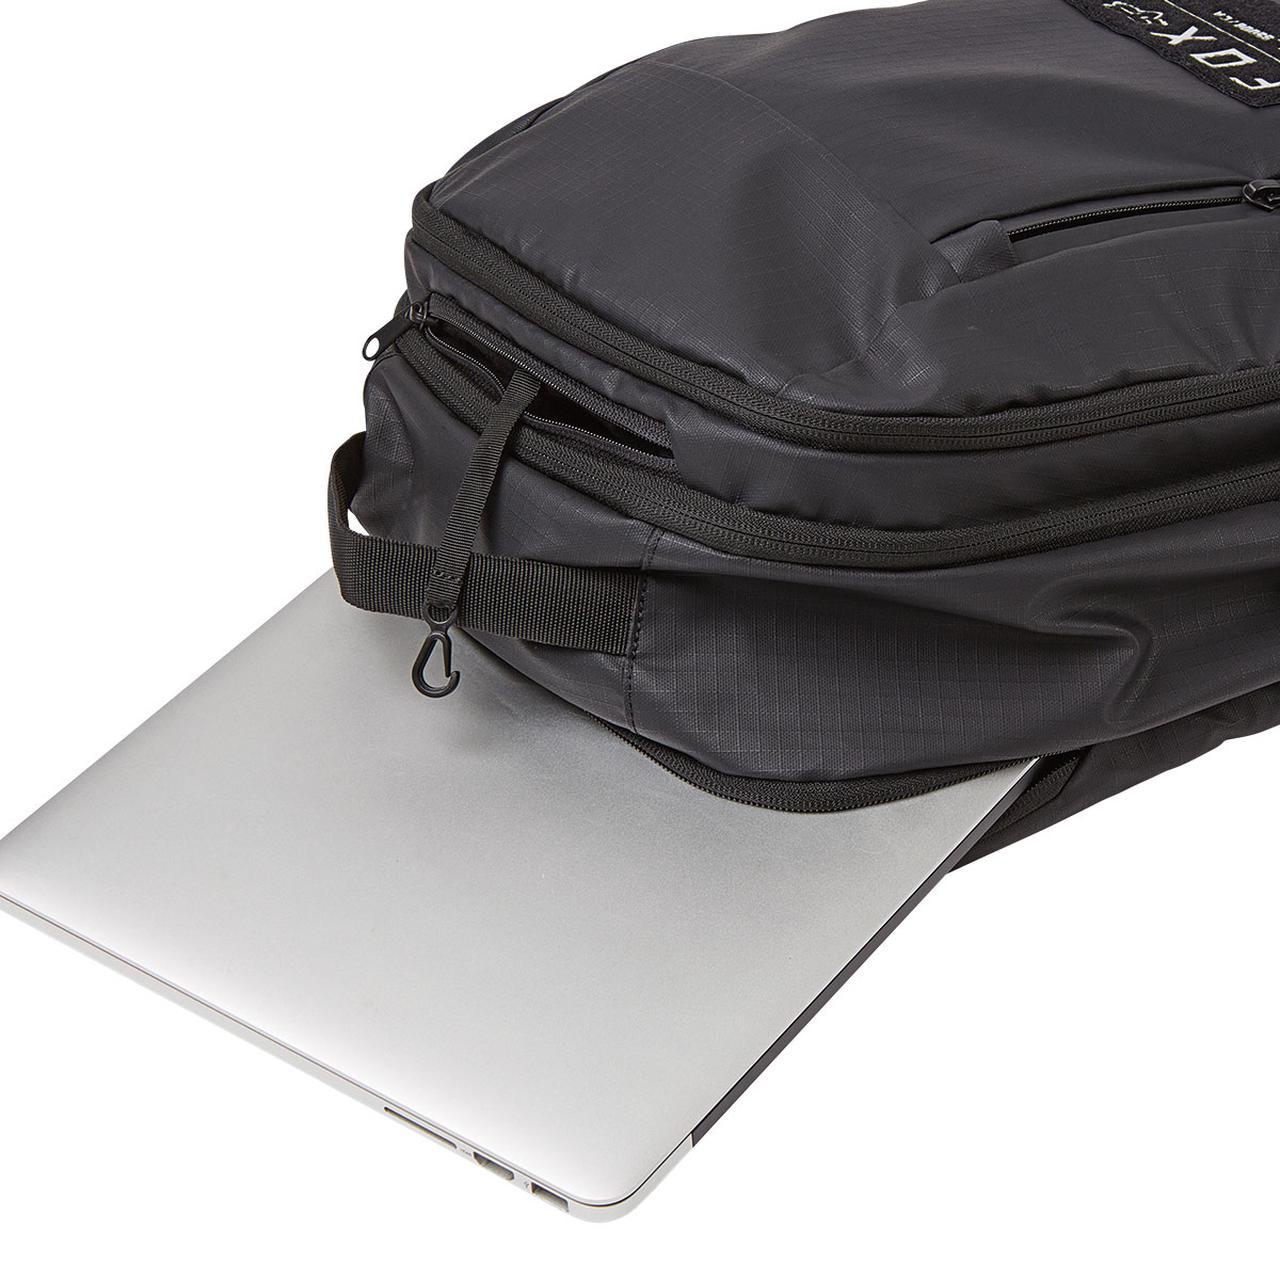 画像2: しっかりした容量とノートPC用ポケット付きで様々なシーンに対応